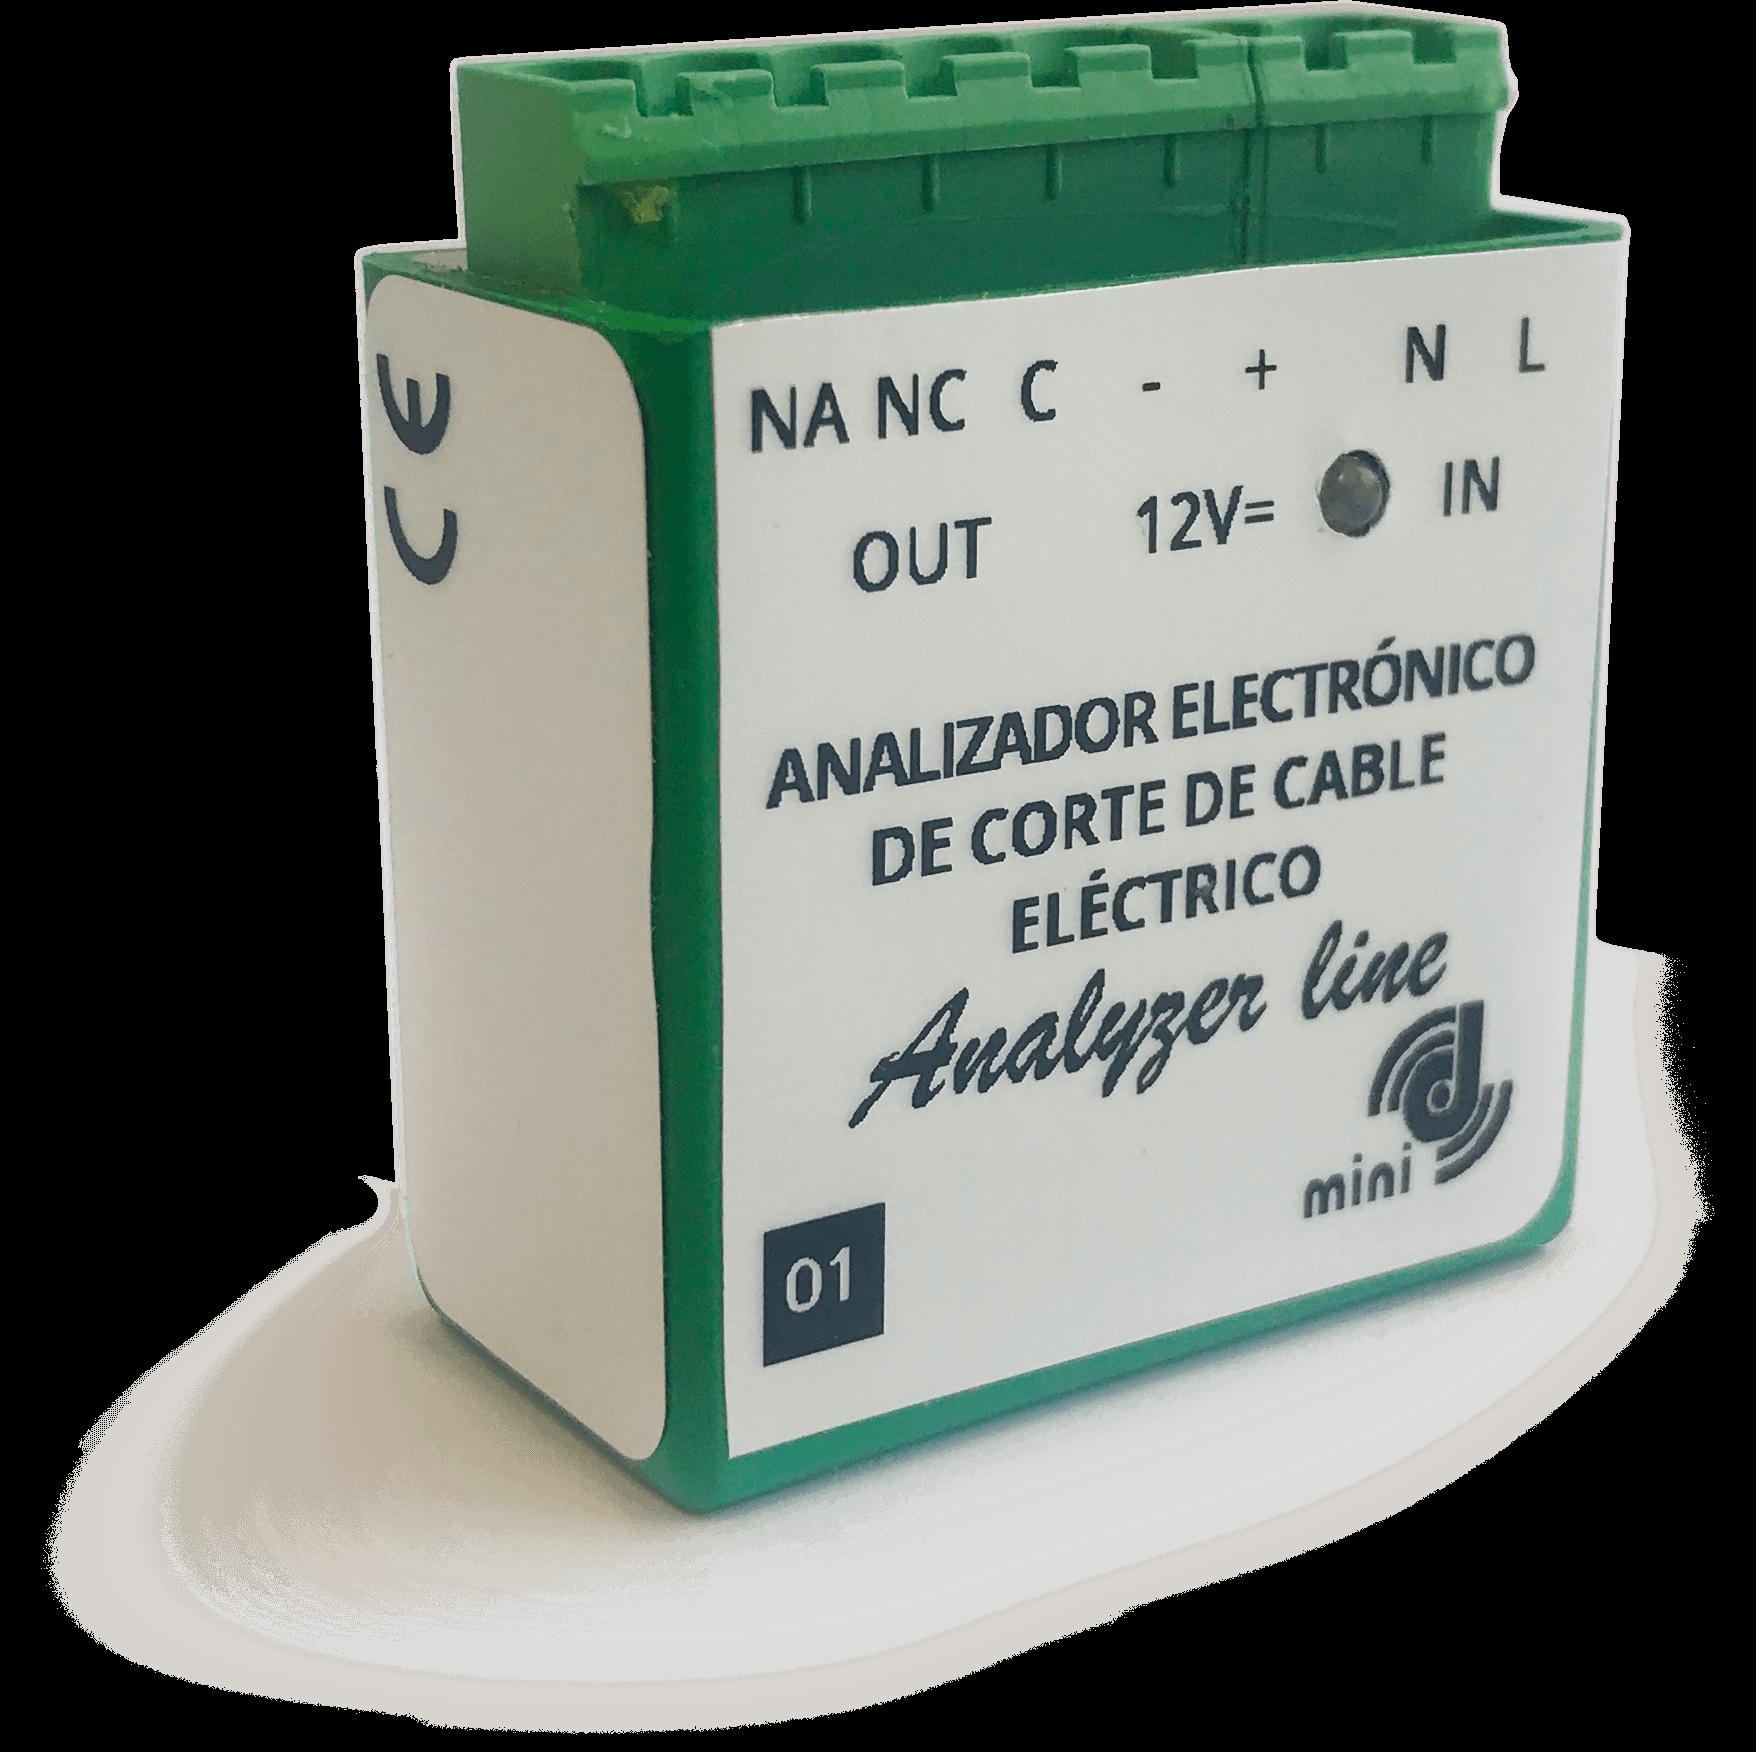 Dispositivo robo cableado eléctrico Analizador electrónico de corte de cable